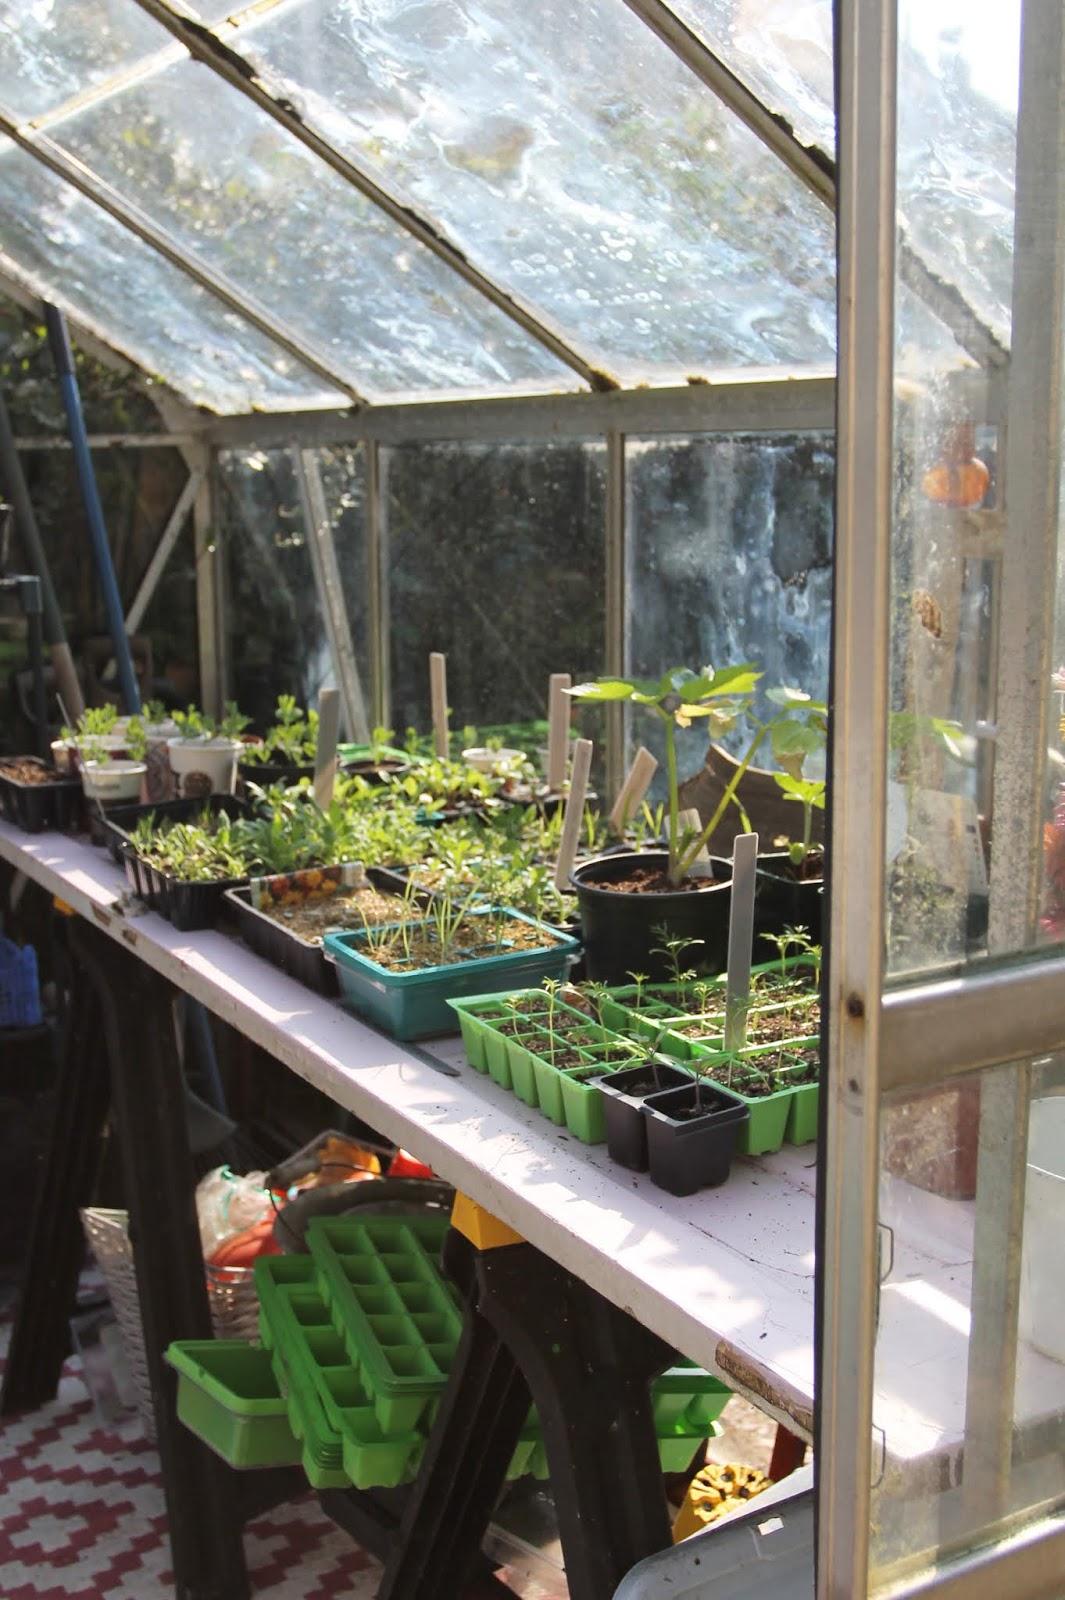 A Greenhouse mini makeover